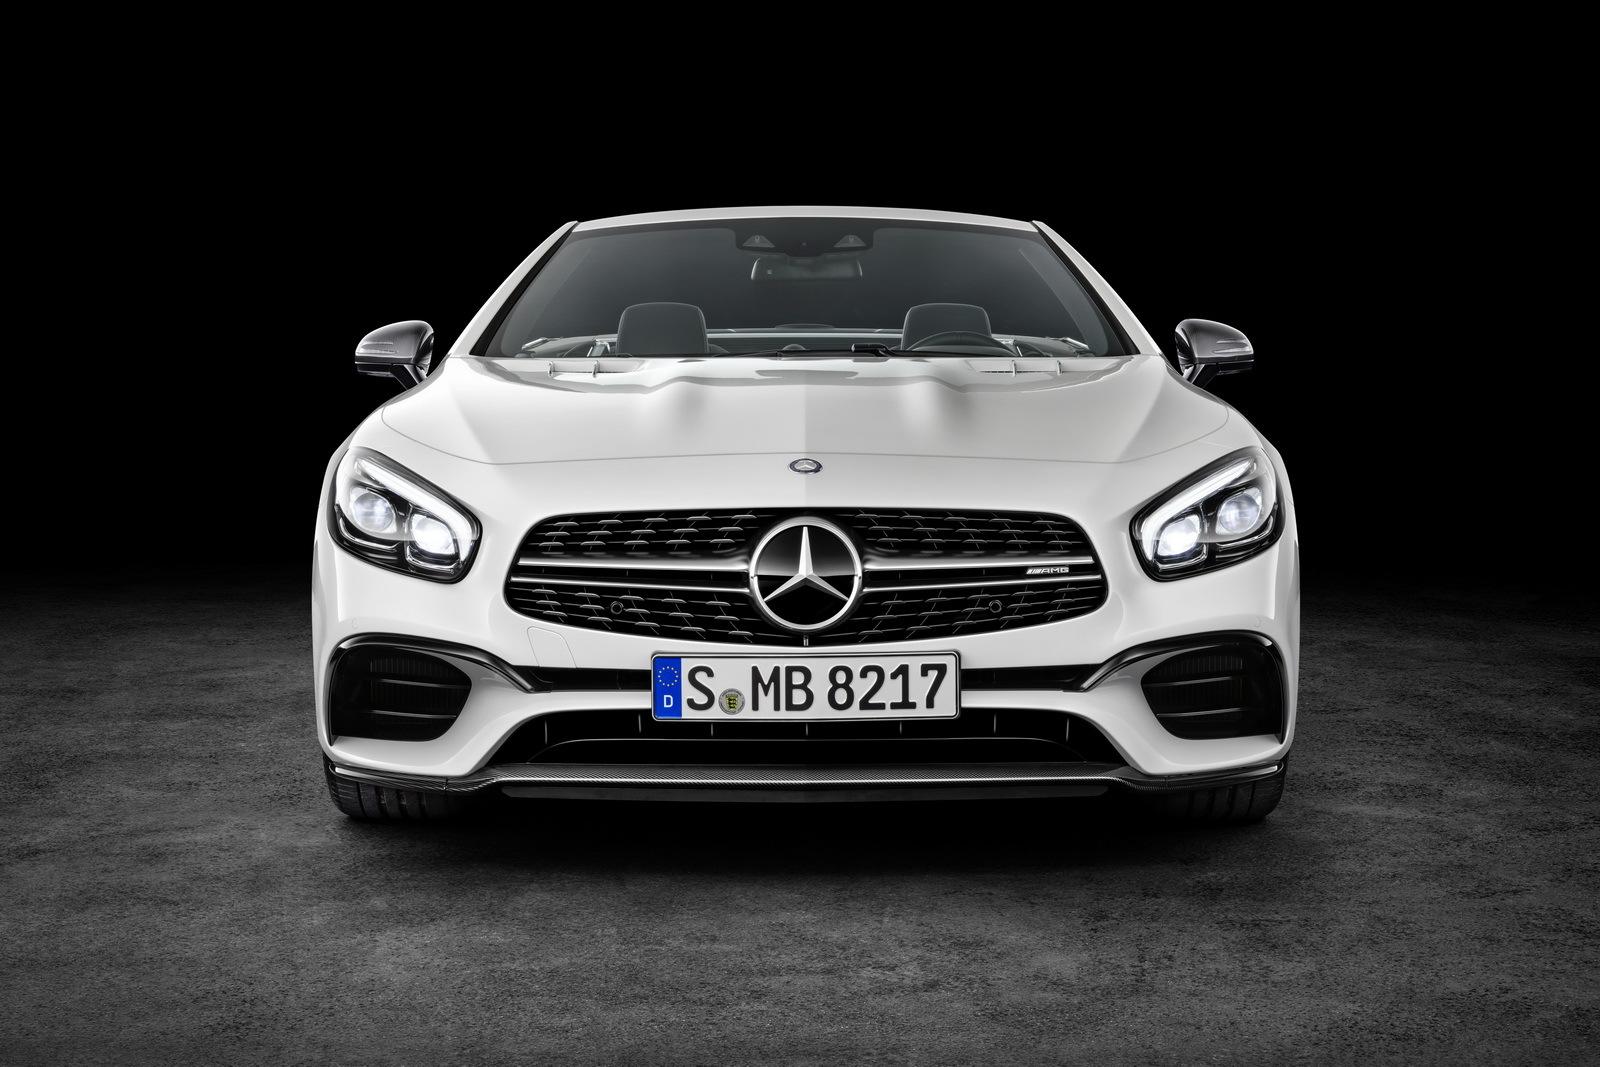 2017-mercedes-benz-sl-022-1